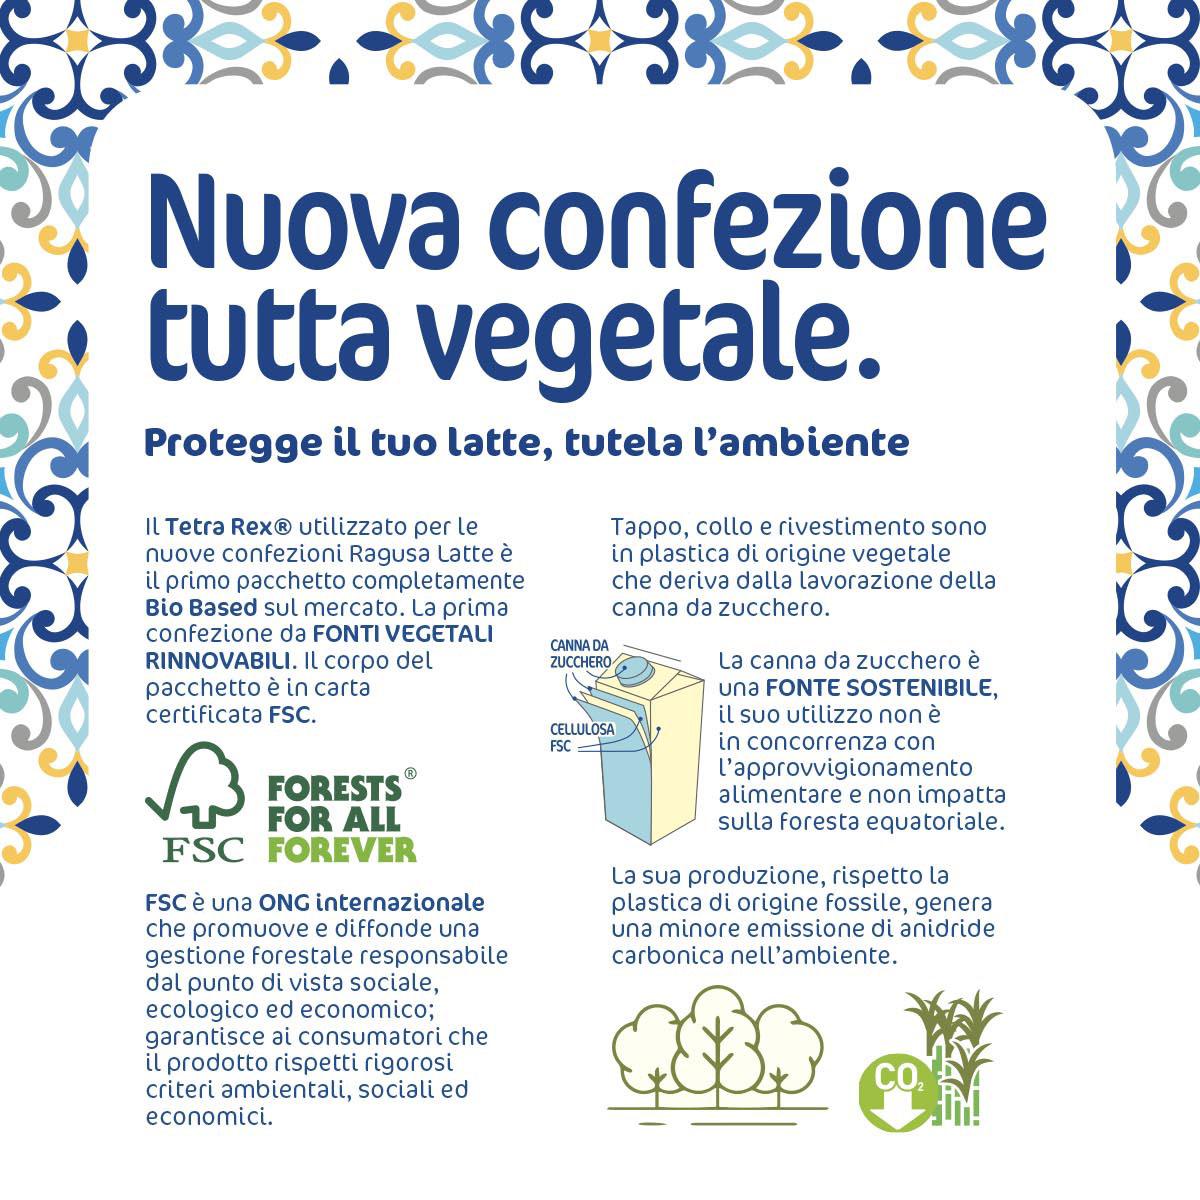 Confezione vegetale Ragusa Latte